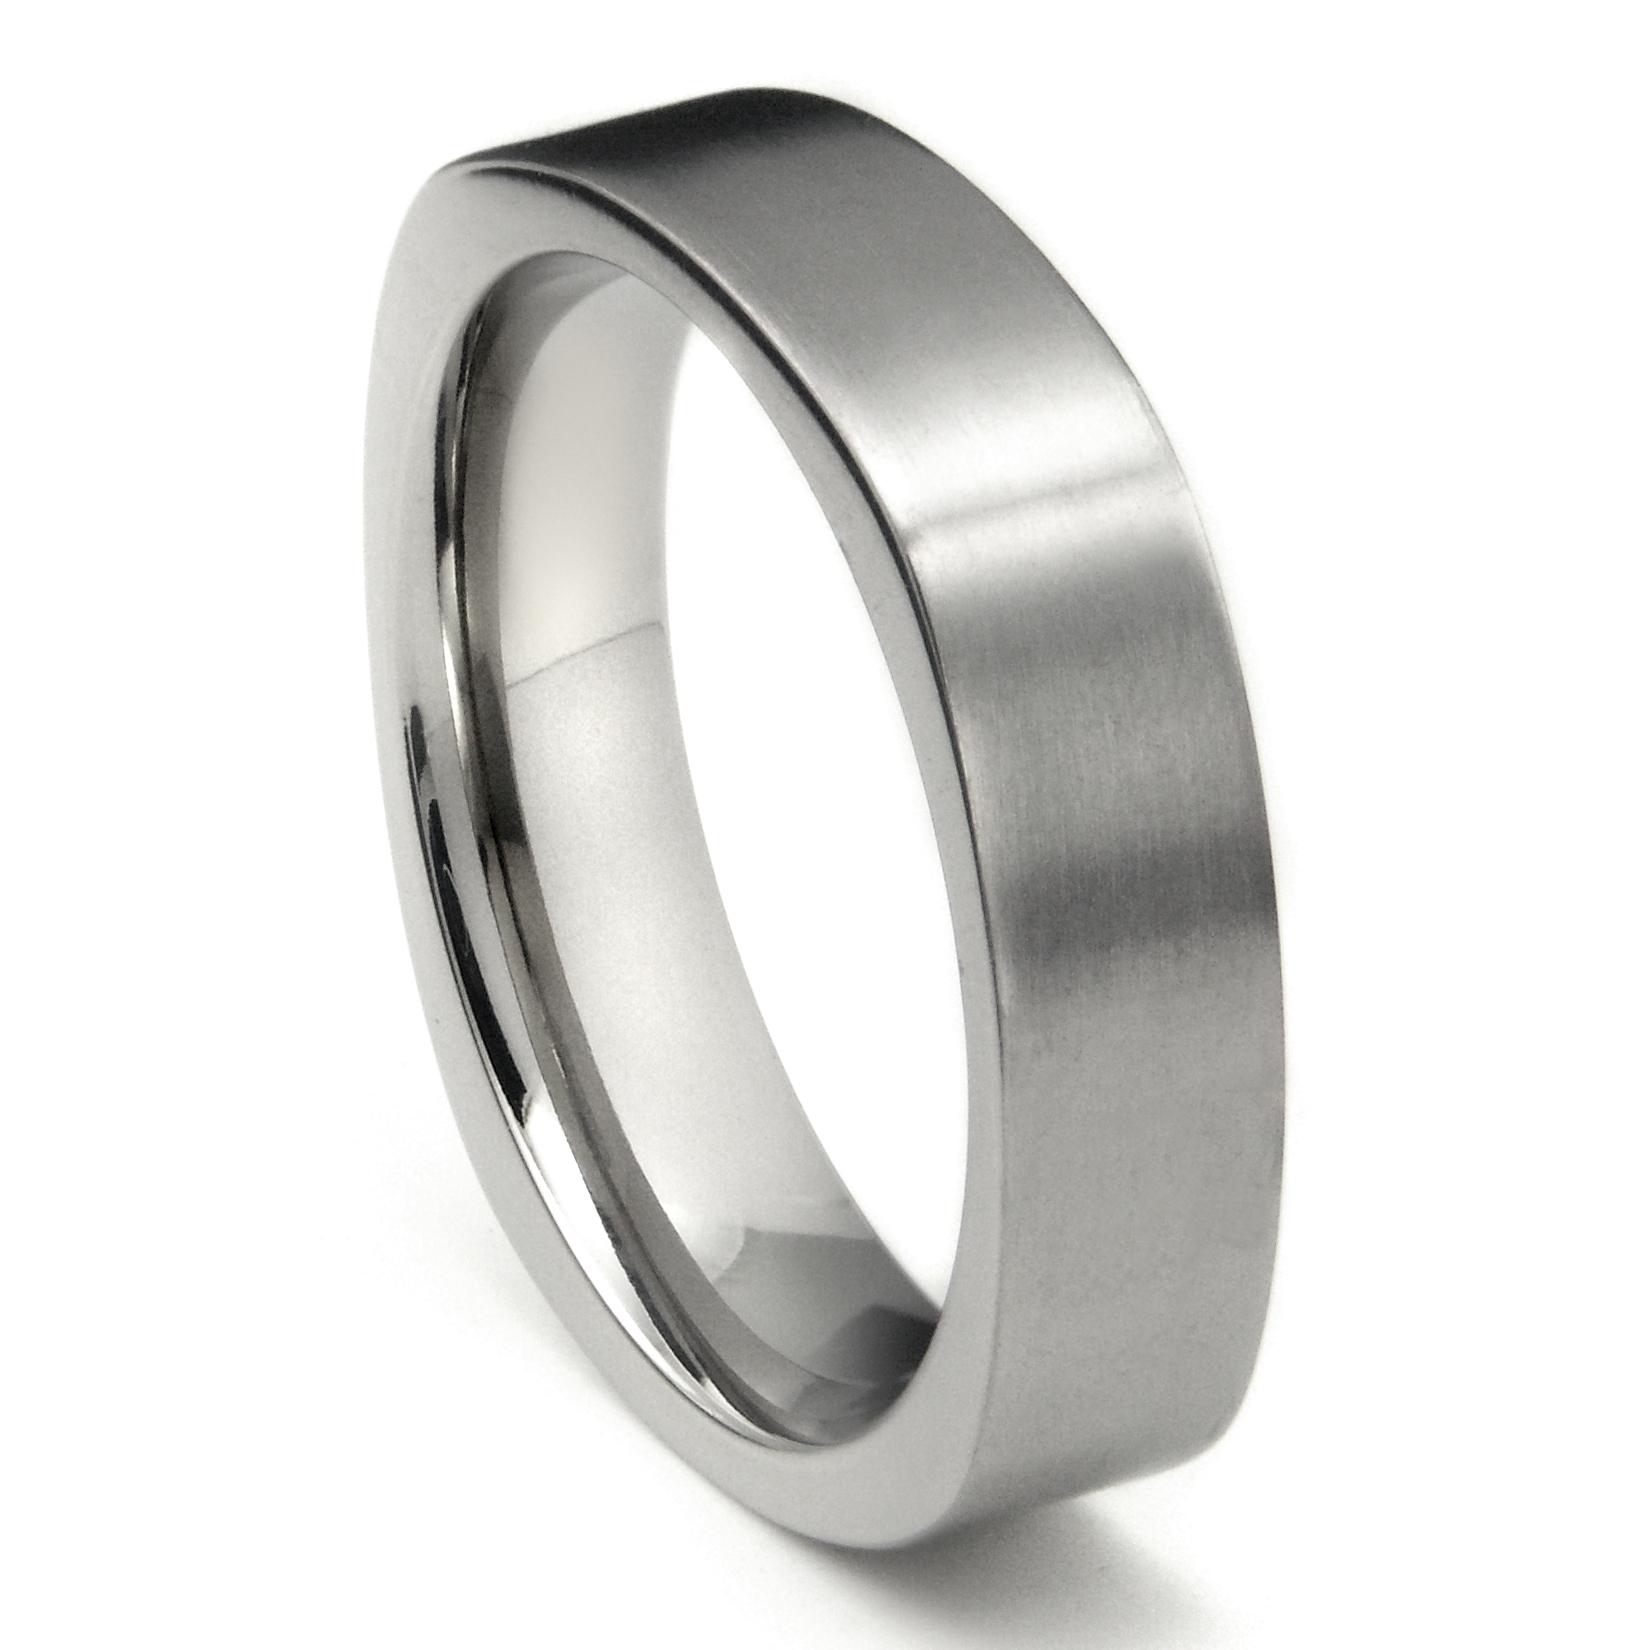 titanium 6mm satin finish square wedding band ring